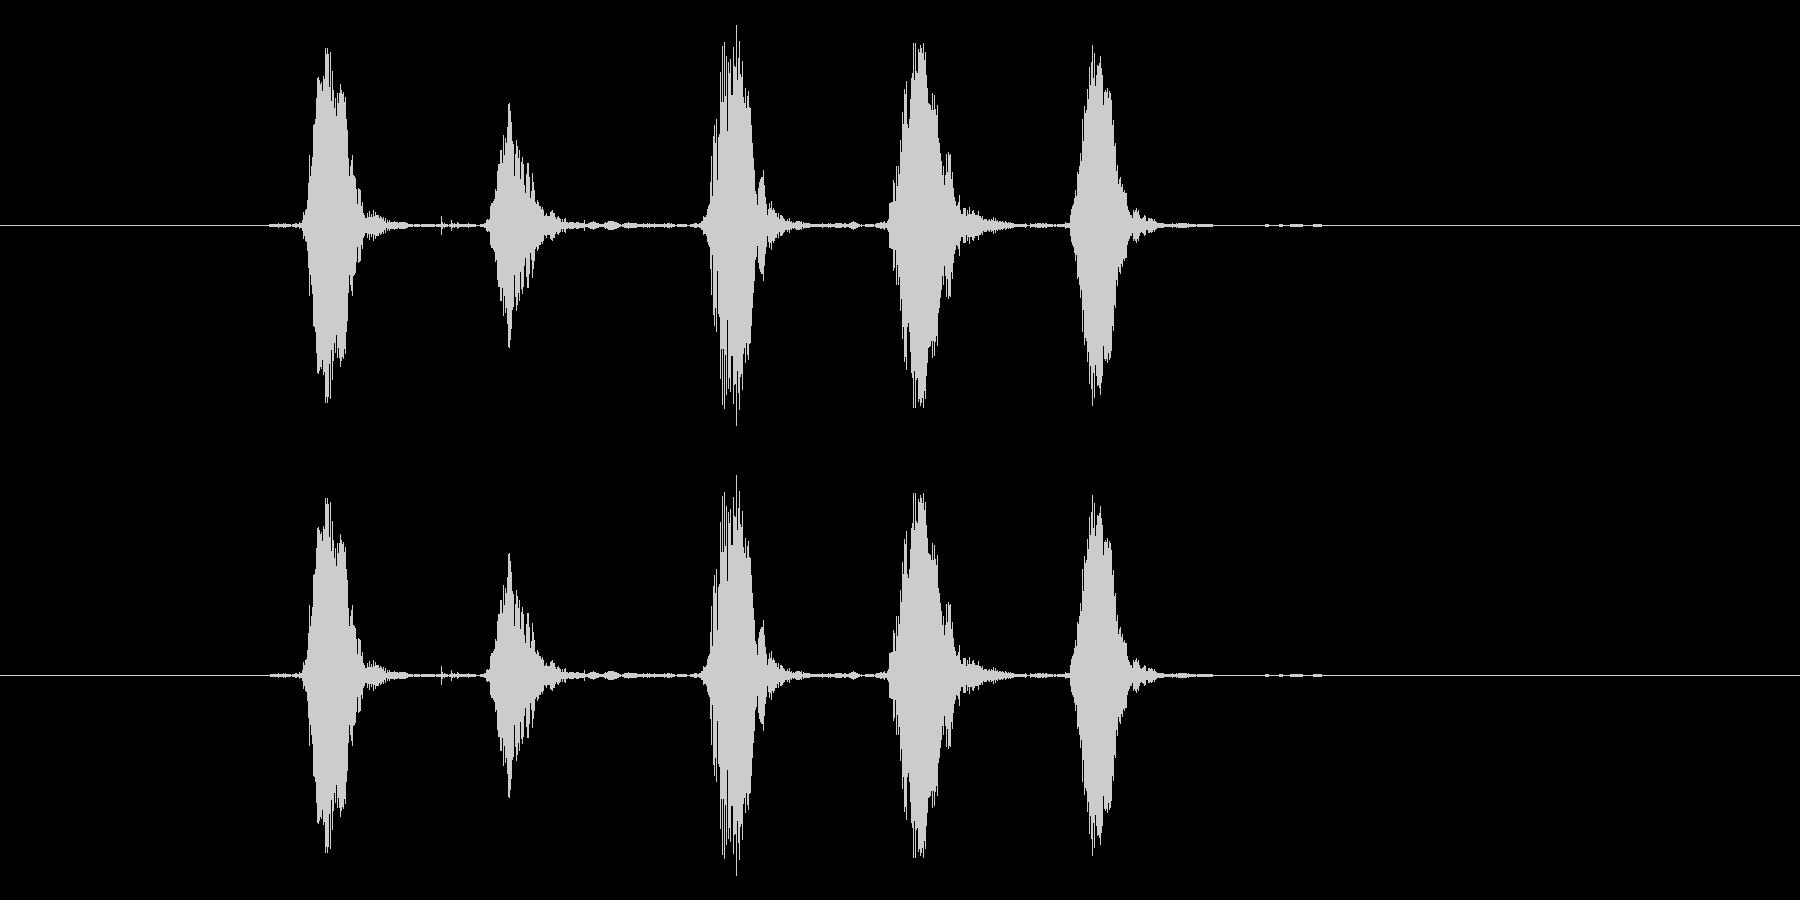 ほい!の未再生の波形